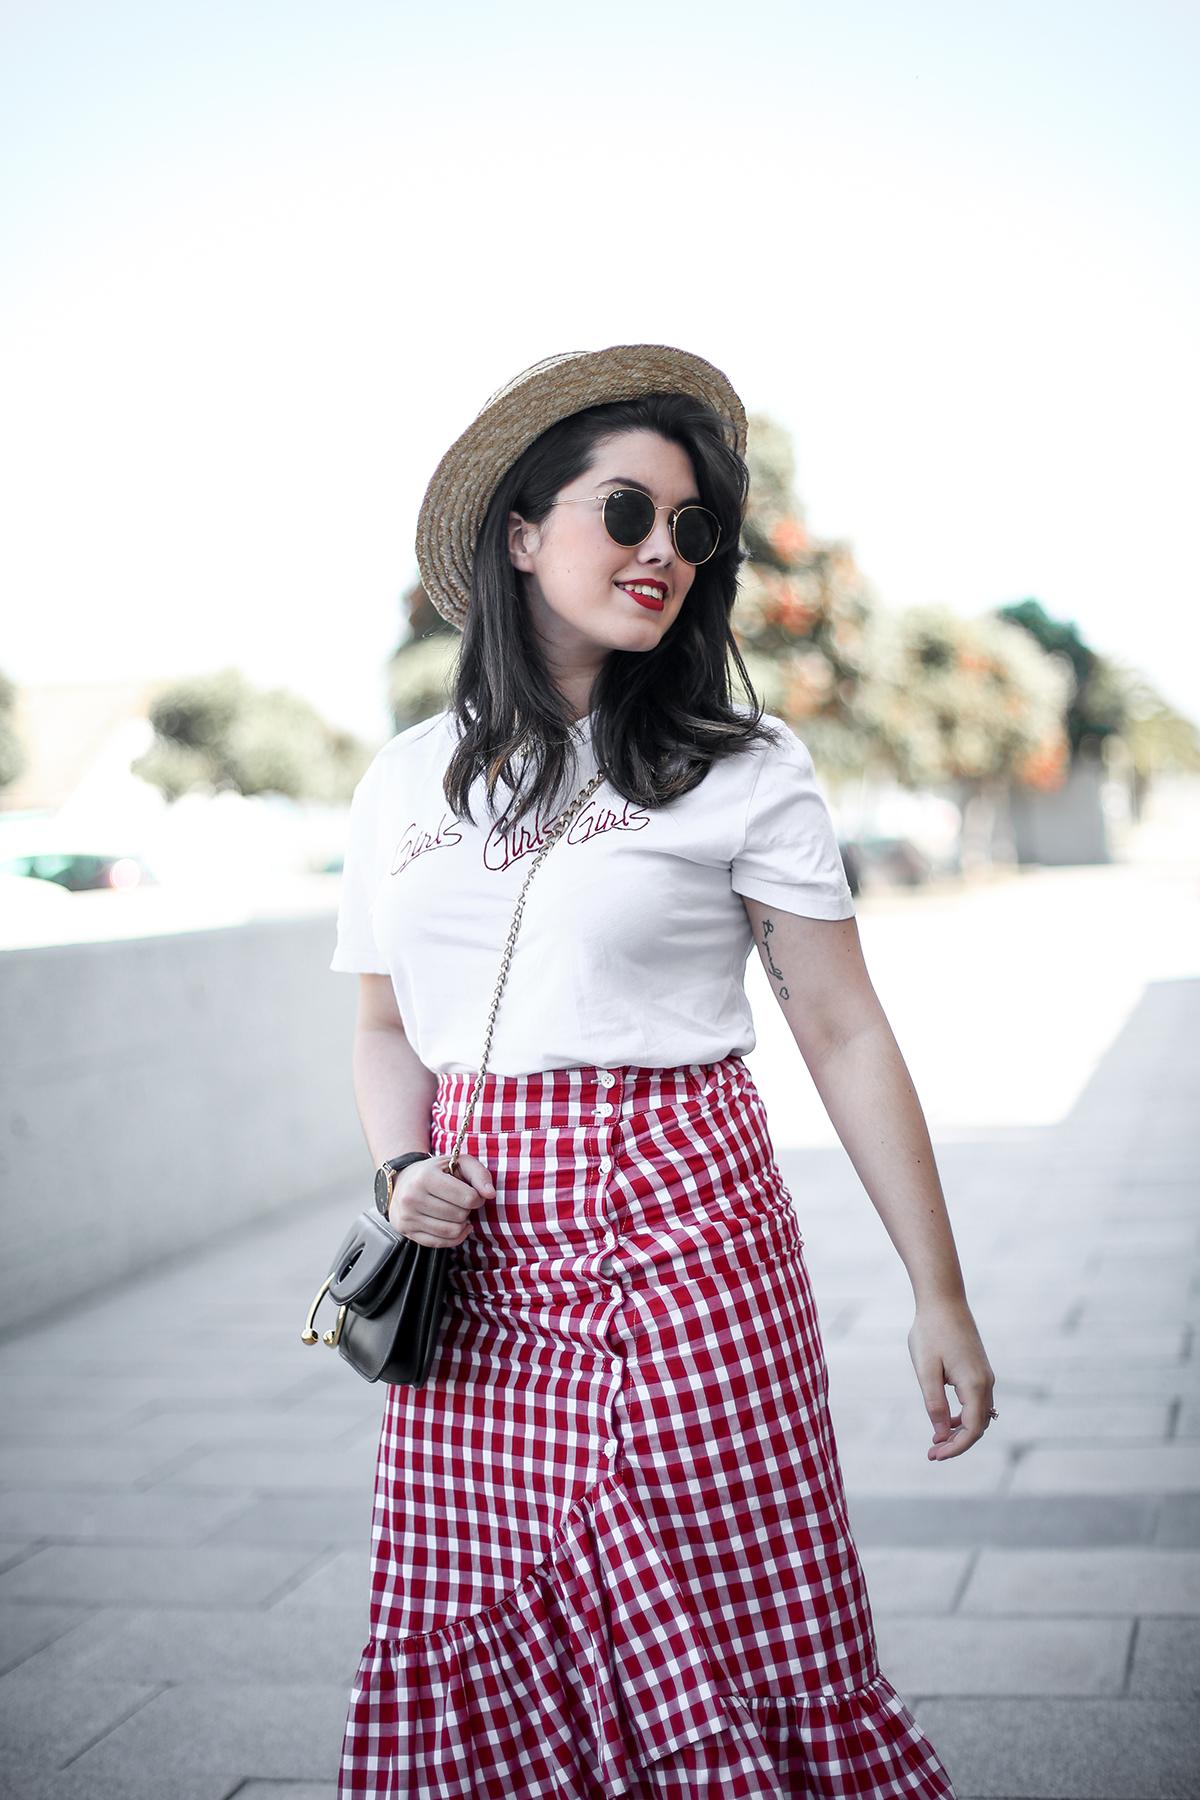 falda-cuadros-vichy-asimetrica-zara-look-jwanderson-farfetch-canotier-myblueberrynightsblog7